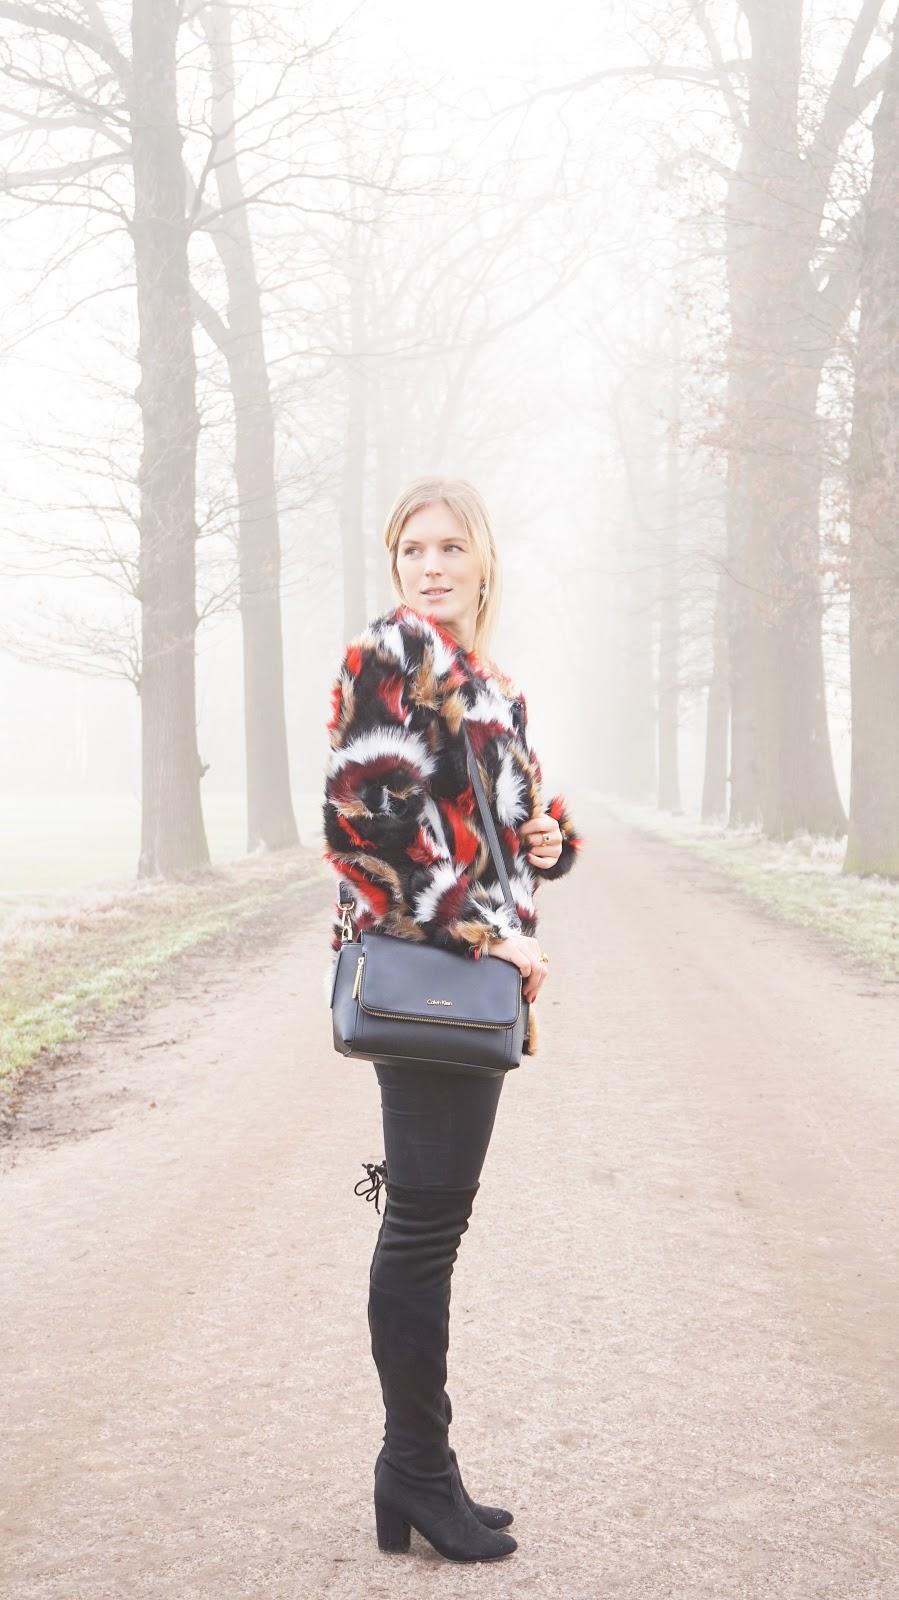 DSC02915 | Eline Van Dingenen